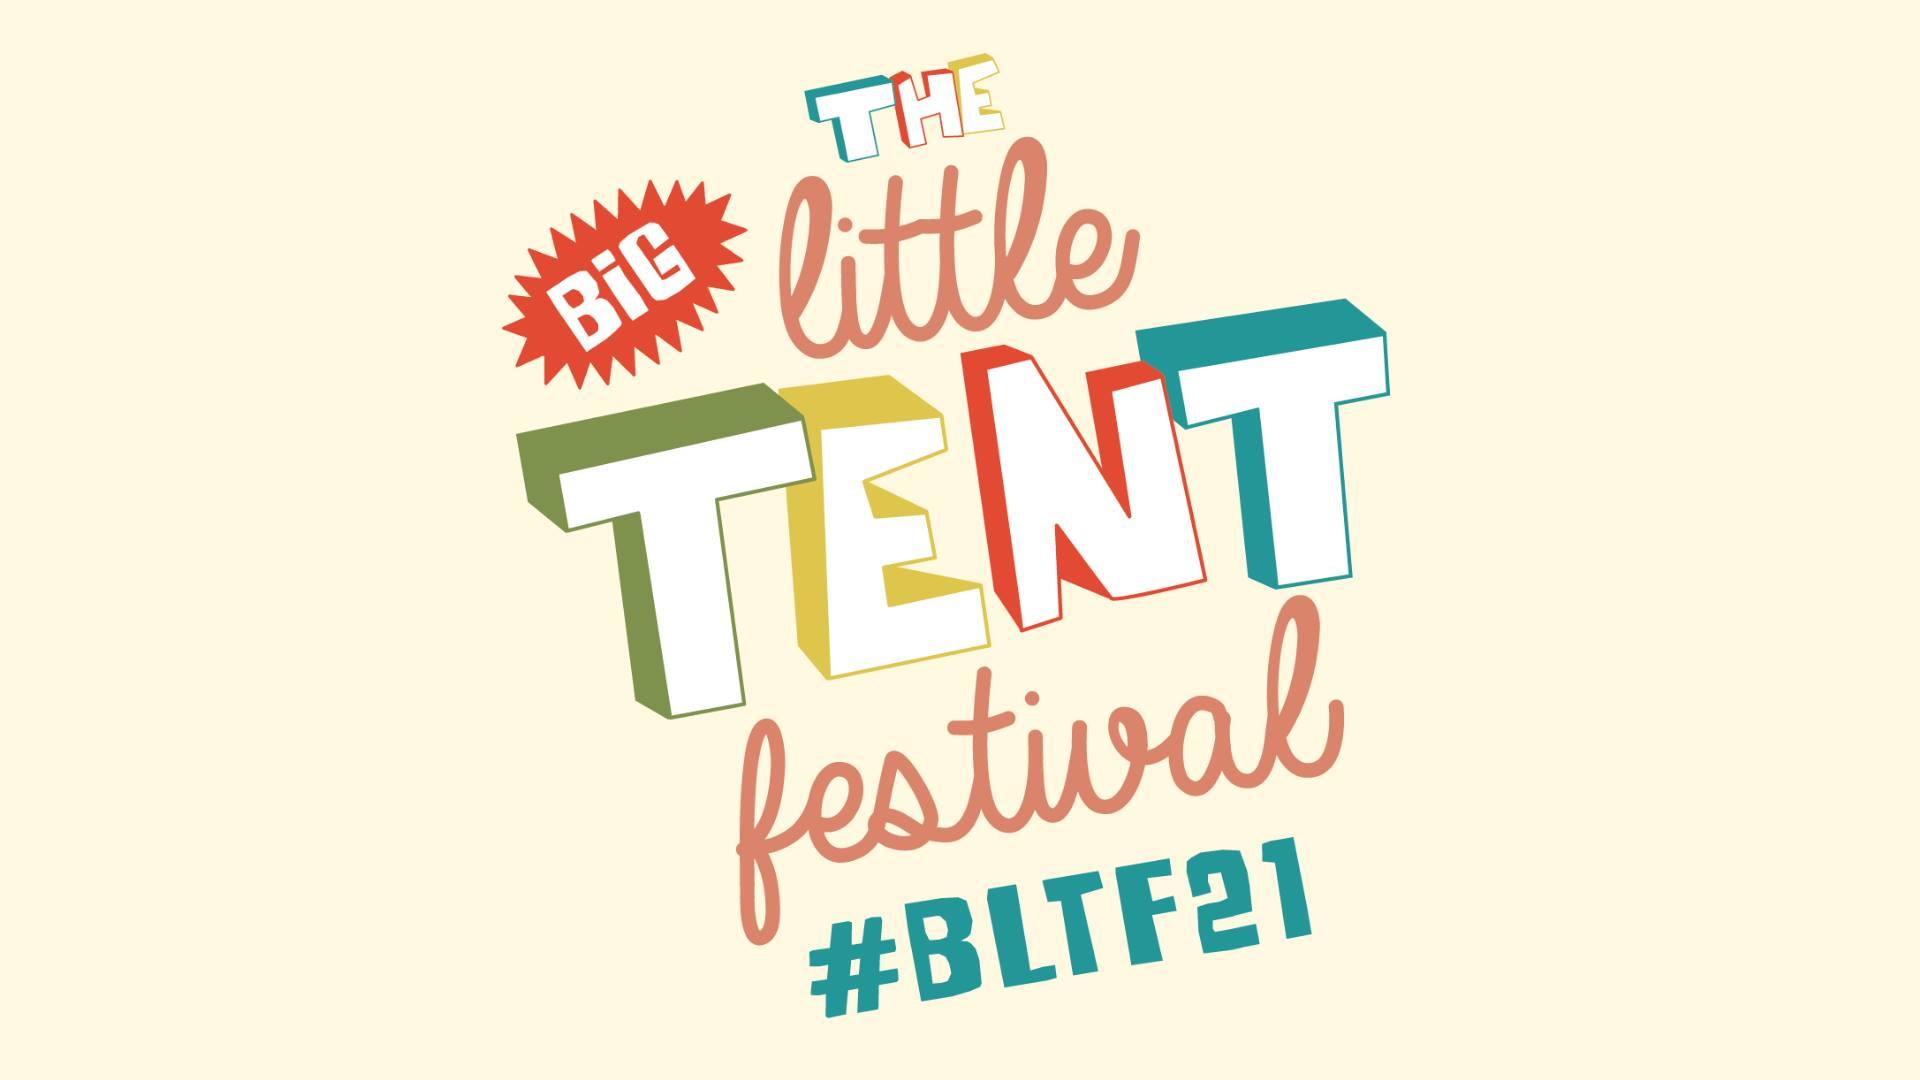 bigtent little tent